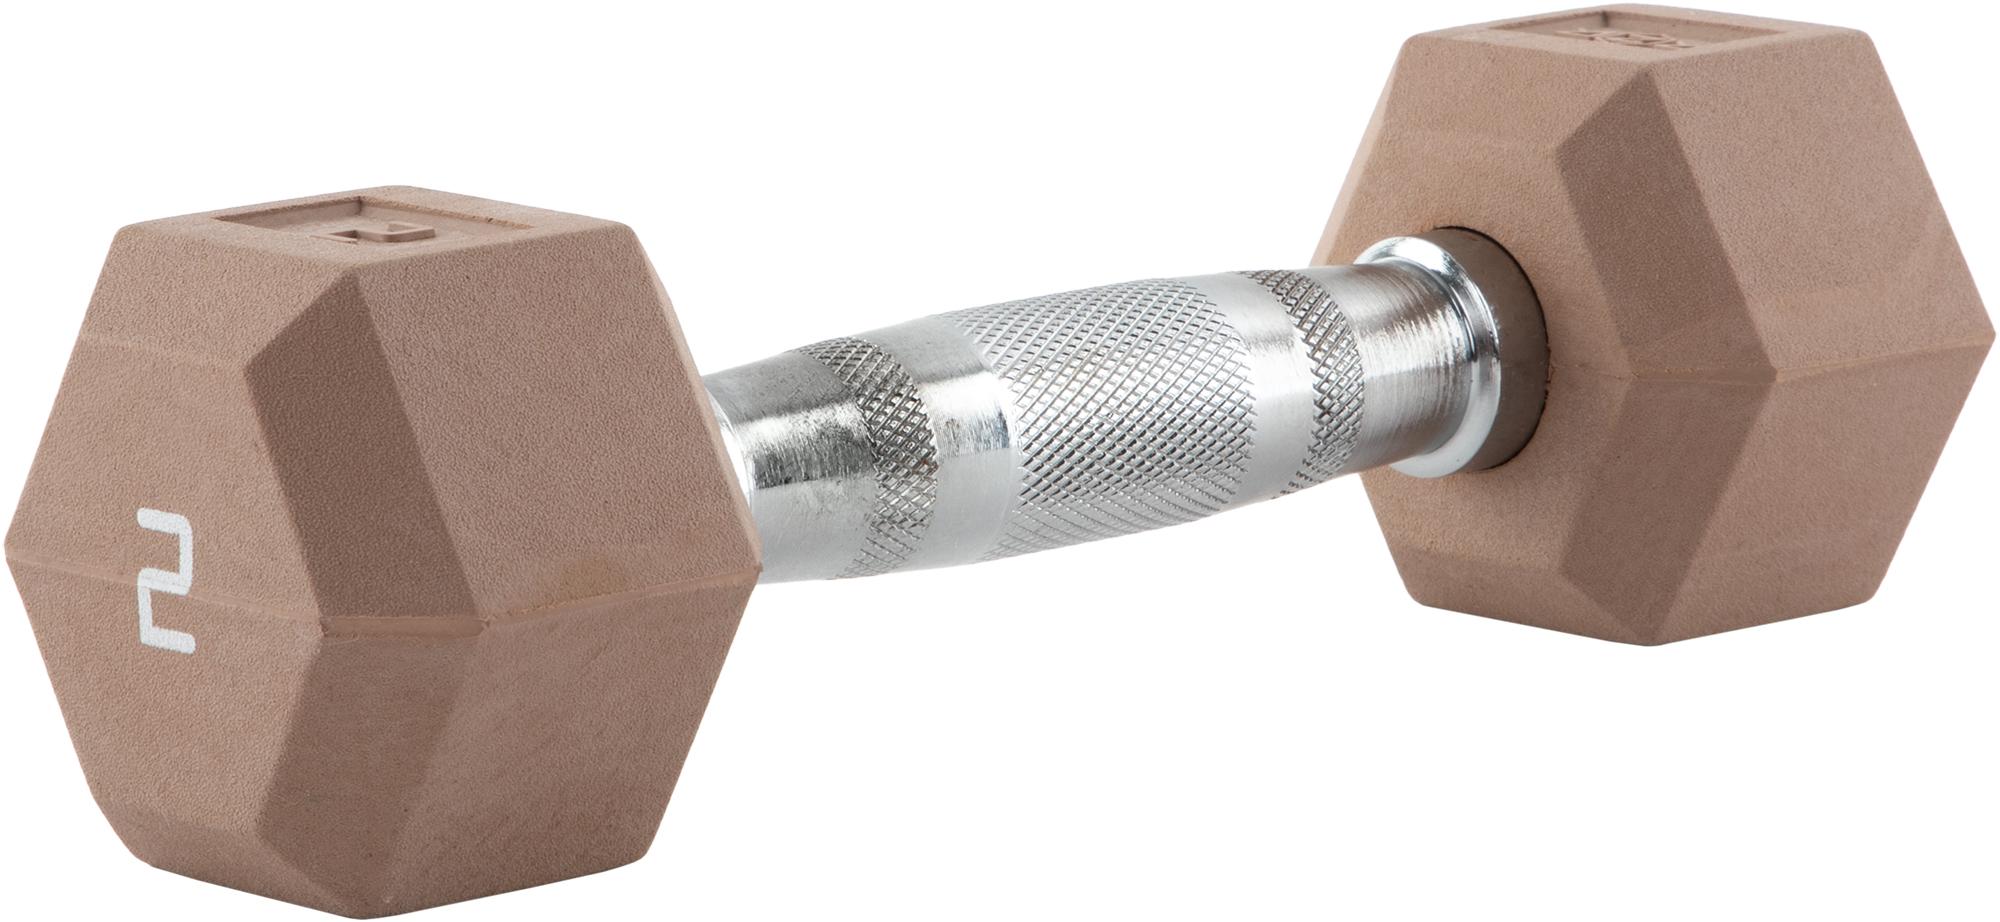 RZR Гантель гексагональная обрезиненная RZR, 2 кг гантель гексагональная original fit tools обрезиненная хромированная ручка 2 кг ft hex 02